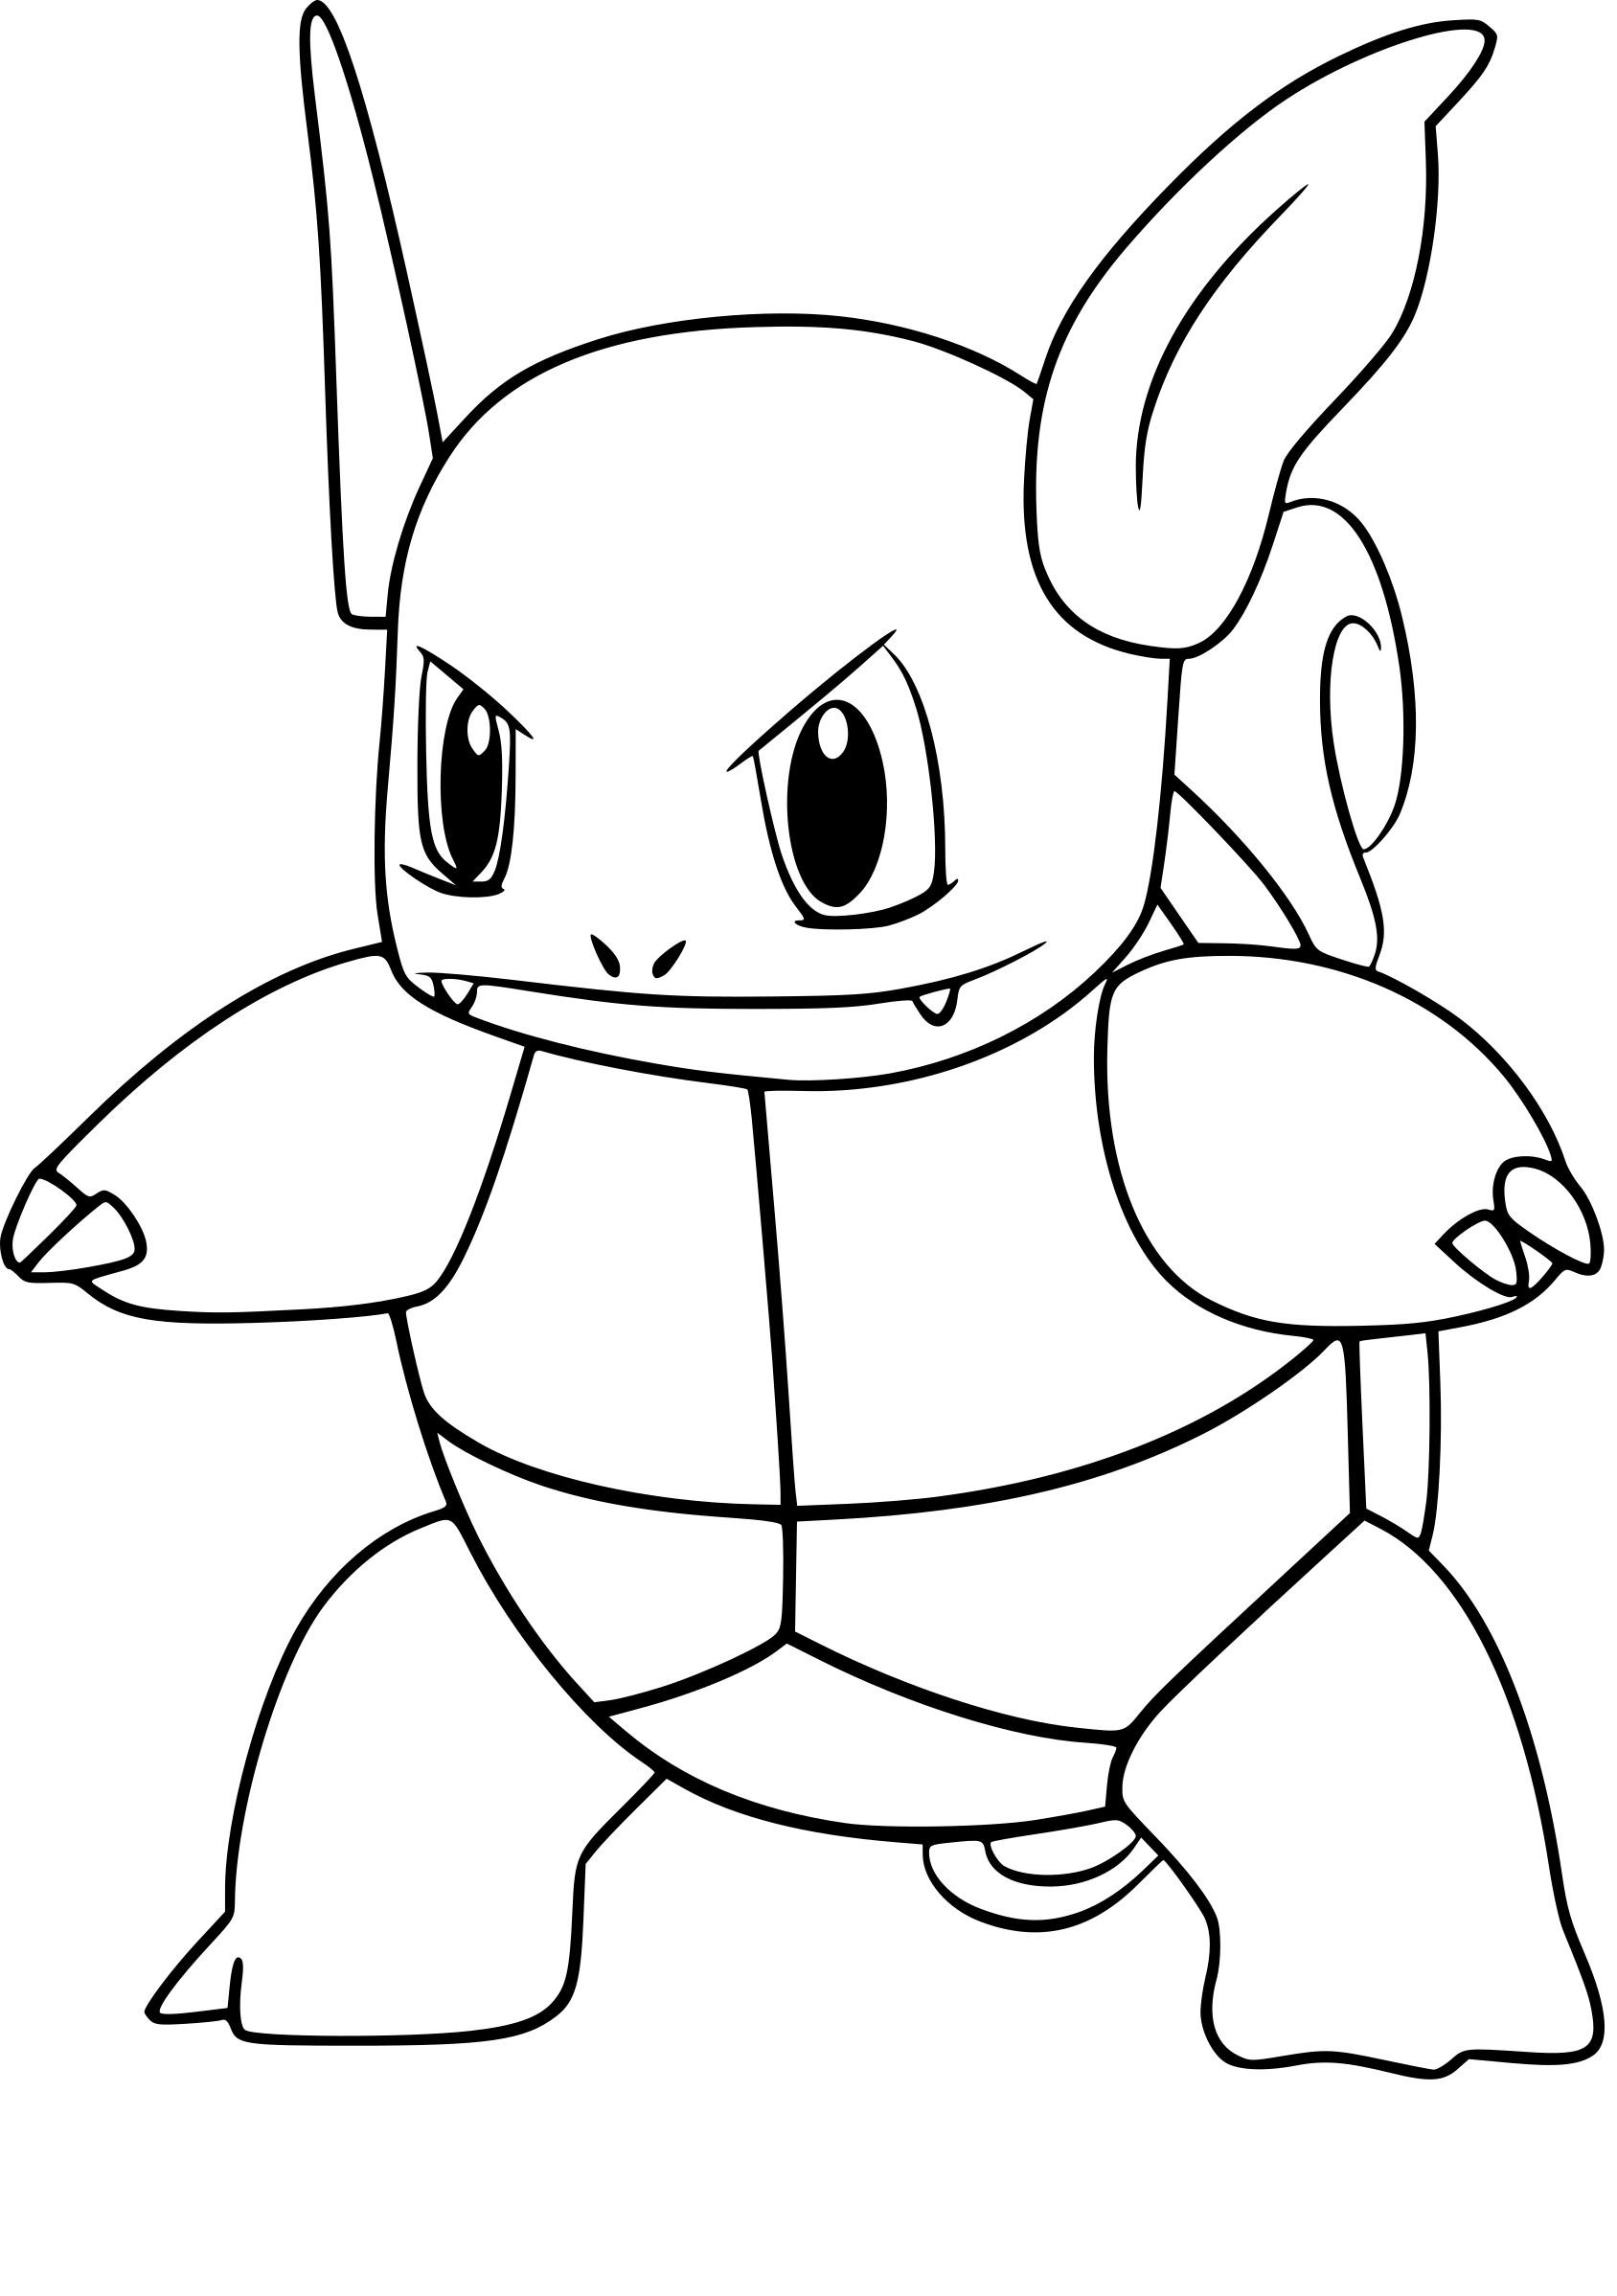 Coloriage Carabaffe Pokemon Go À Imprimer Sur Coloriages intérieur Coloriage Pok?Mon Sucreine